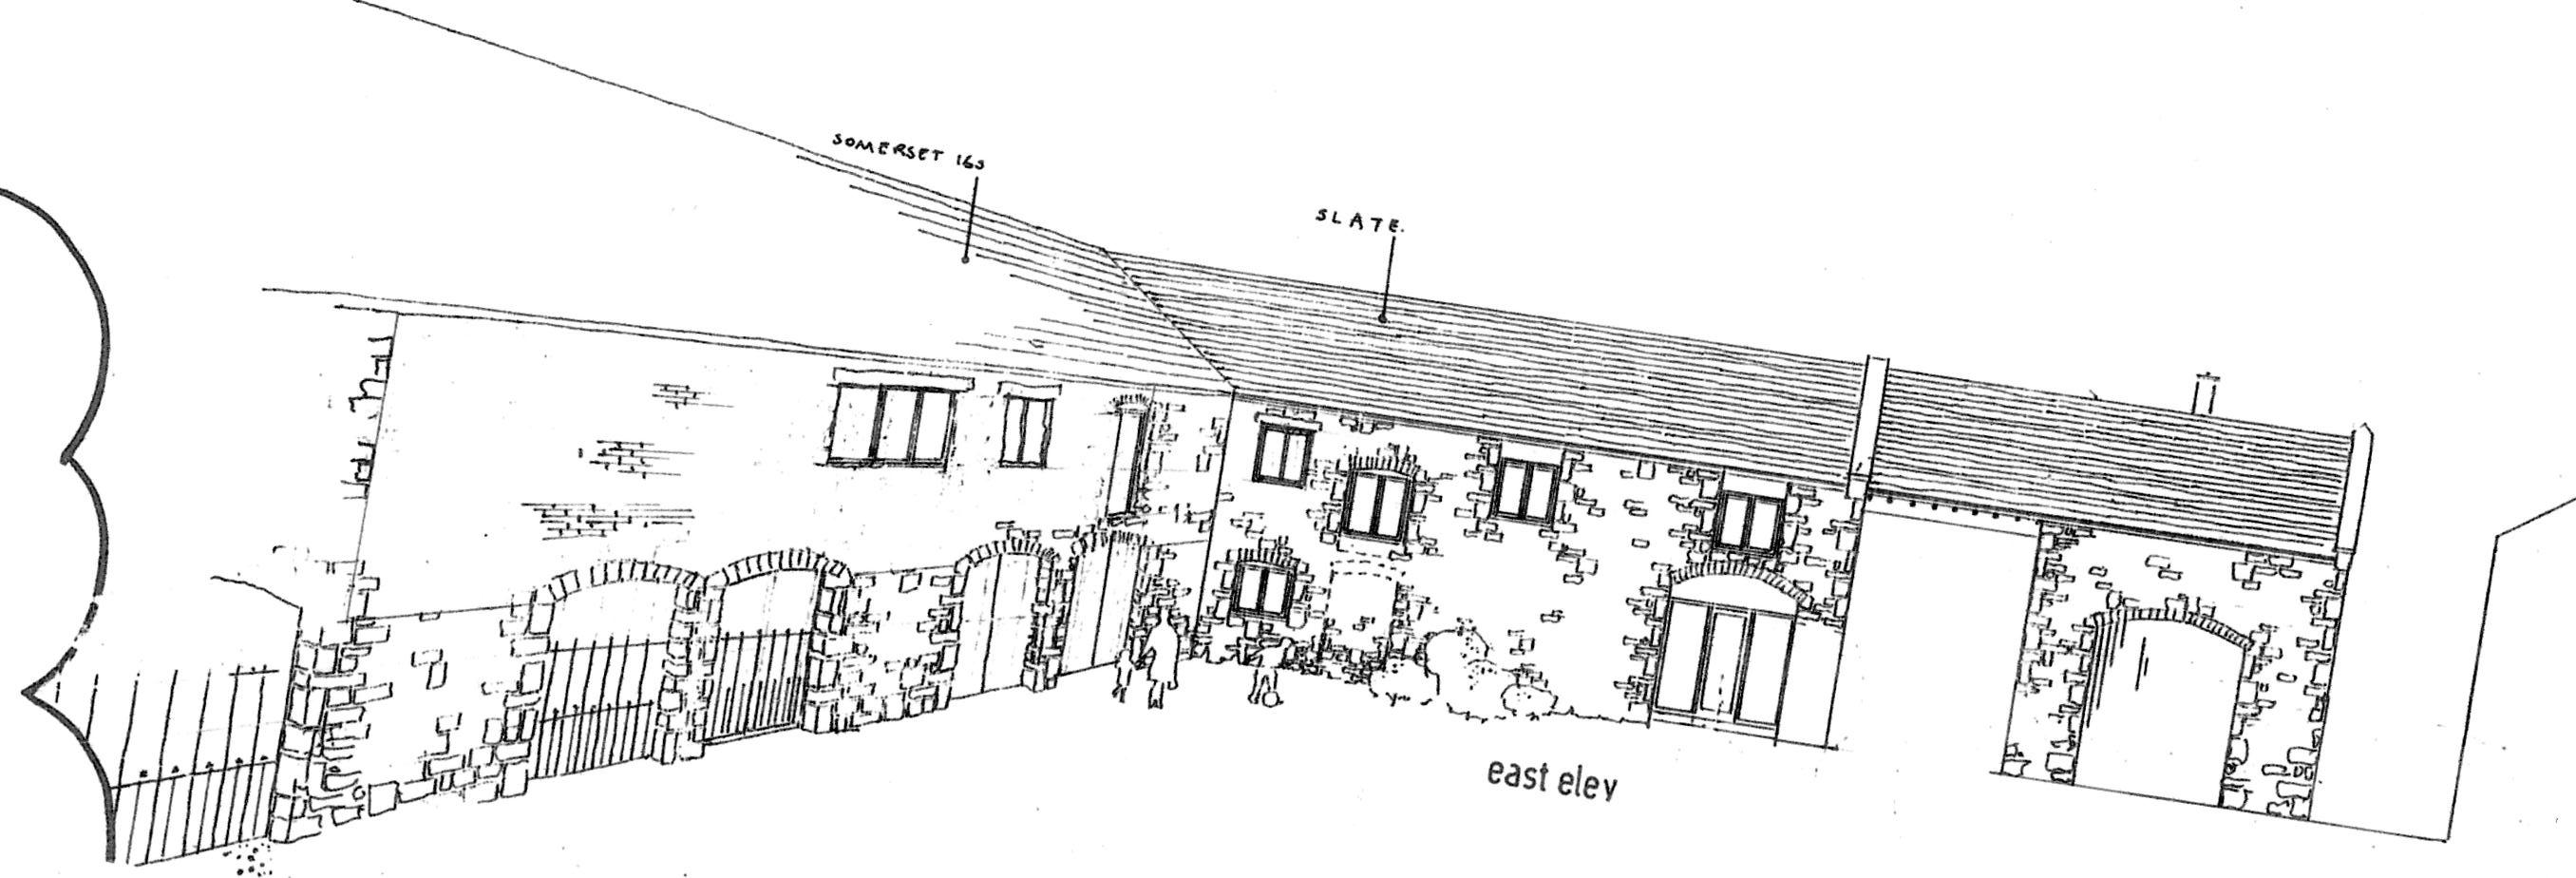 Merriott Village Website